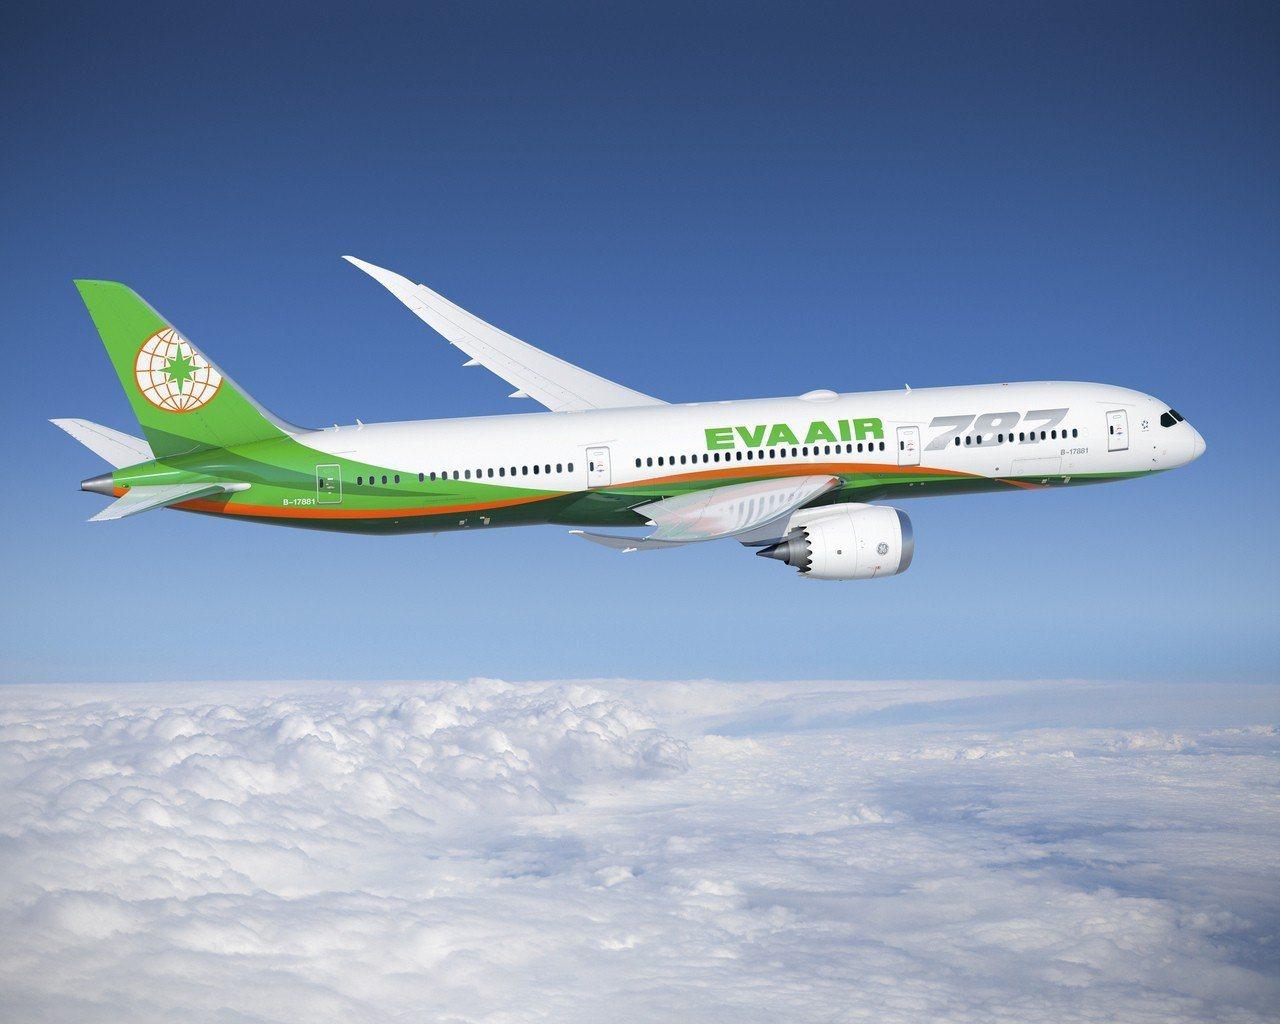 長榮航空將開航名古屋、青森、松山等航點。圖/長榮航空提供